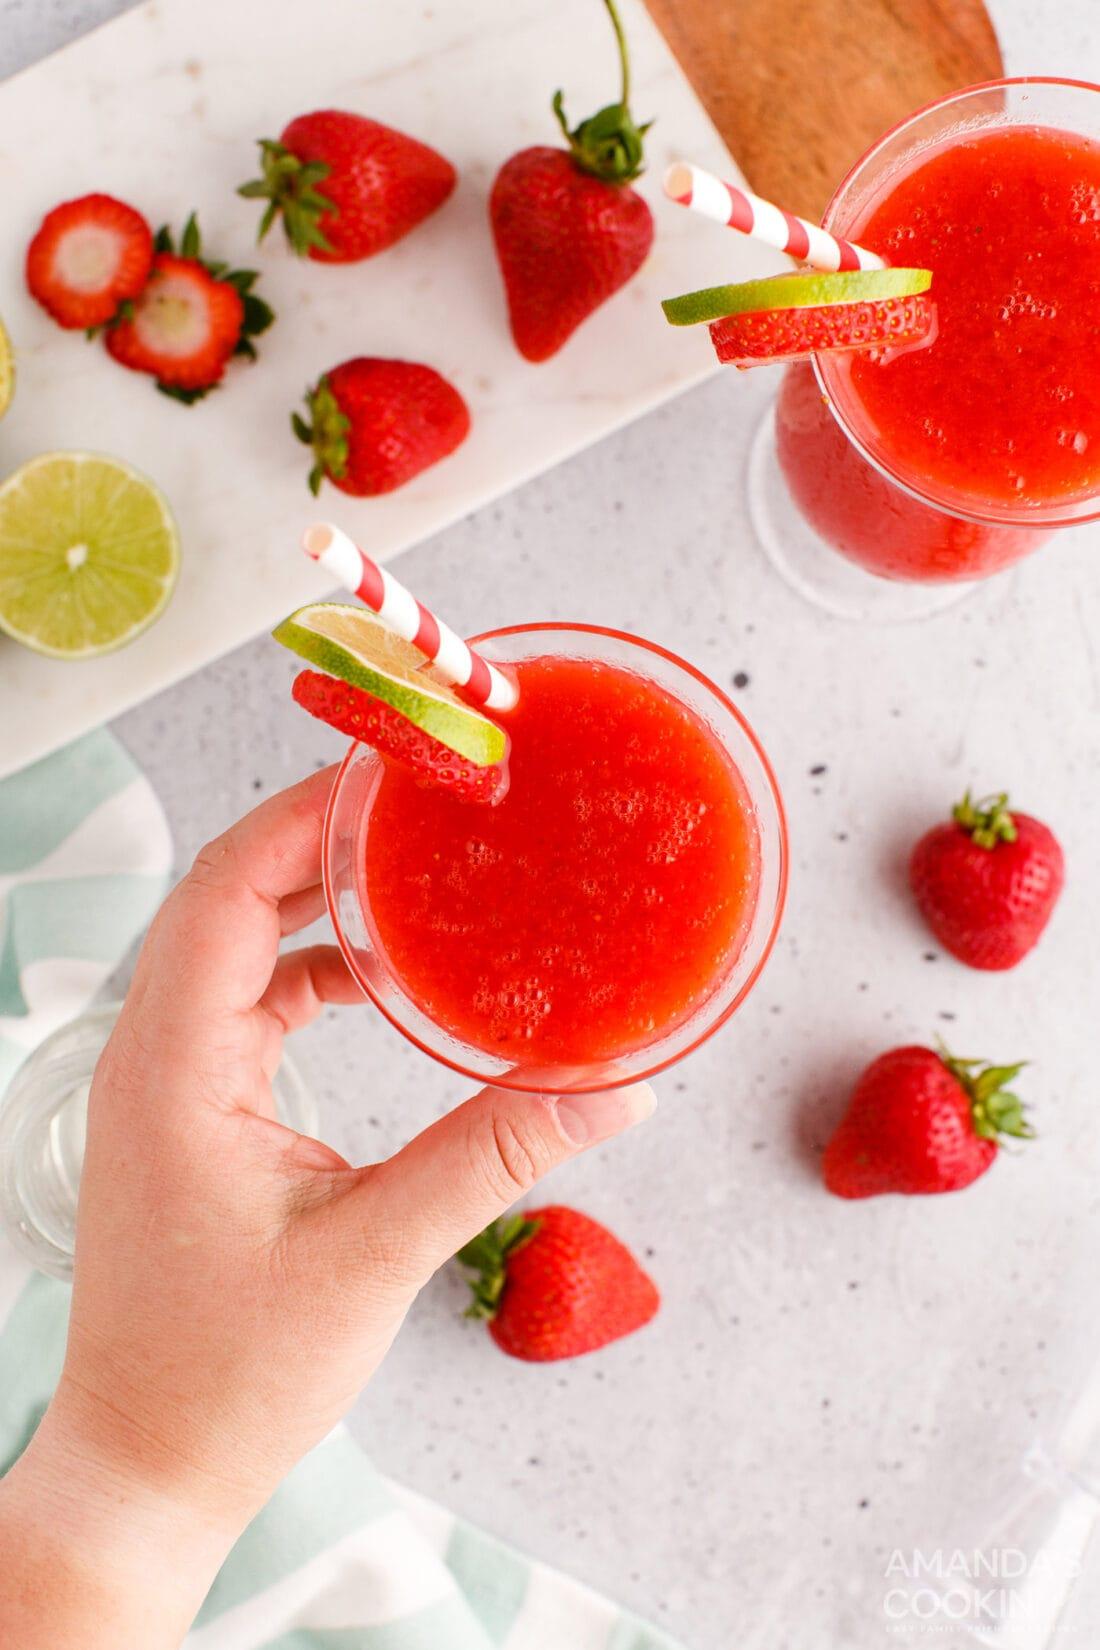 hand reaching for a Strawberry Daiquiri